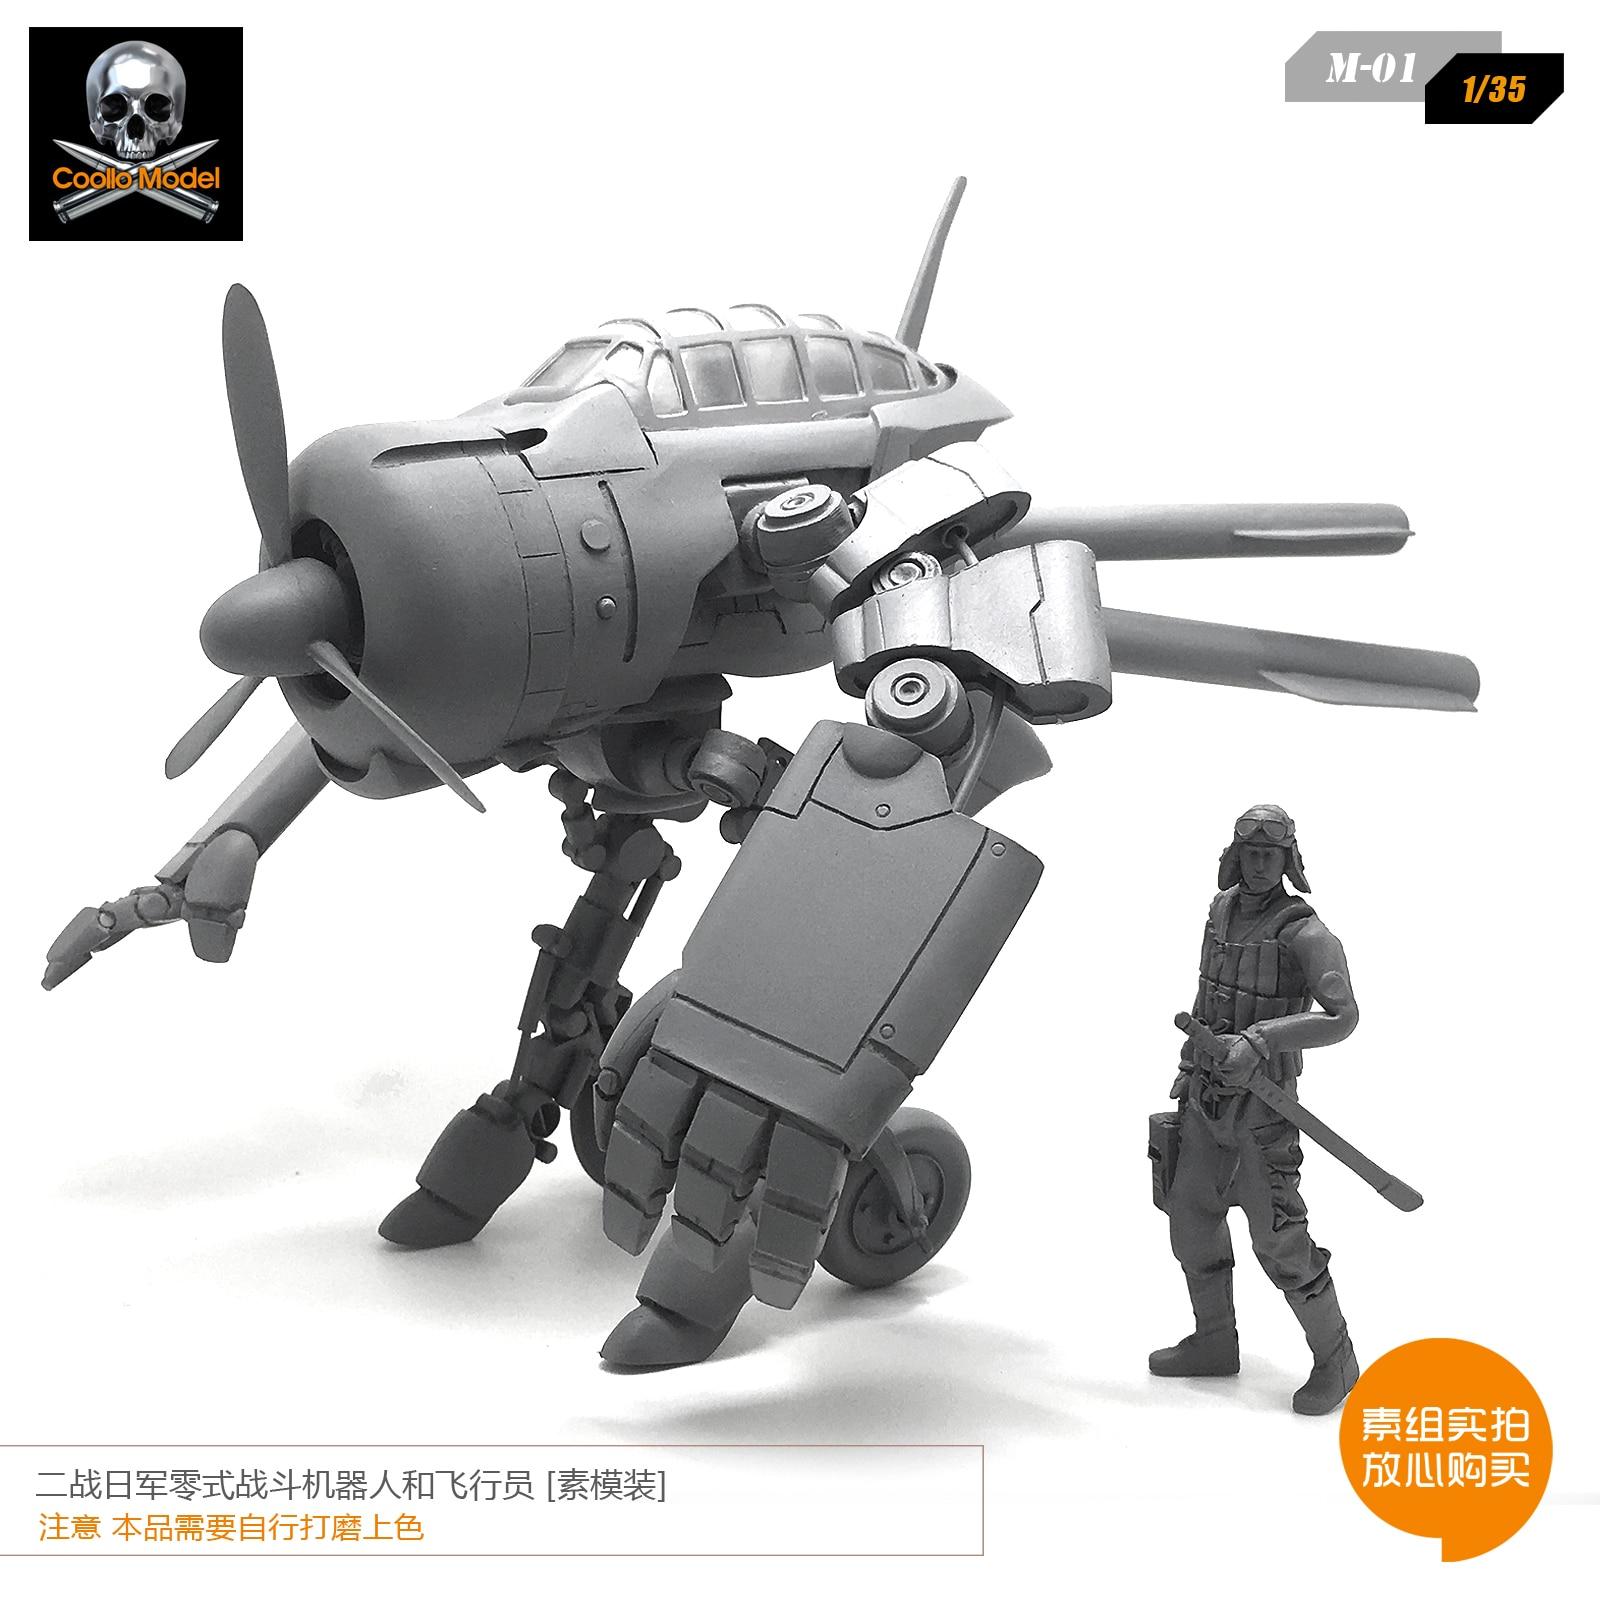 1/35 modelo de avión de Robot de combate cero de la Segunda Guerra Mundial y modelo de resina piloto M 01 sin montar-in Kits de construcción de maquetas from Juguetes y pasatiempos    1